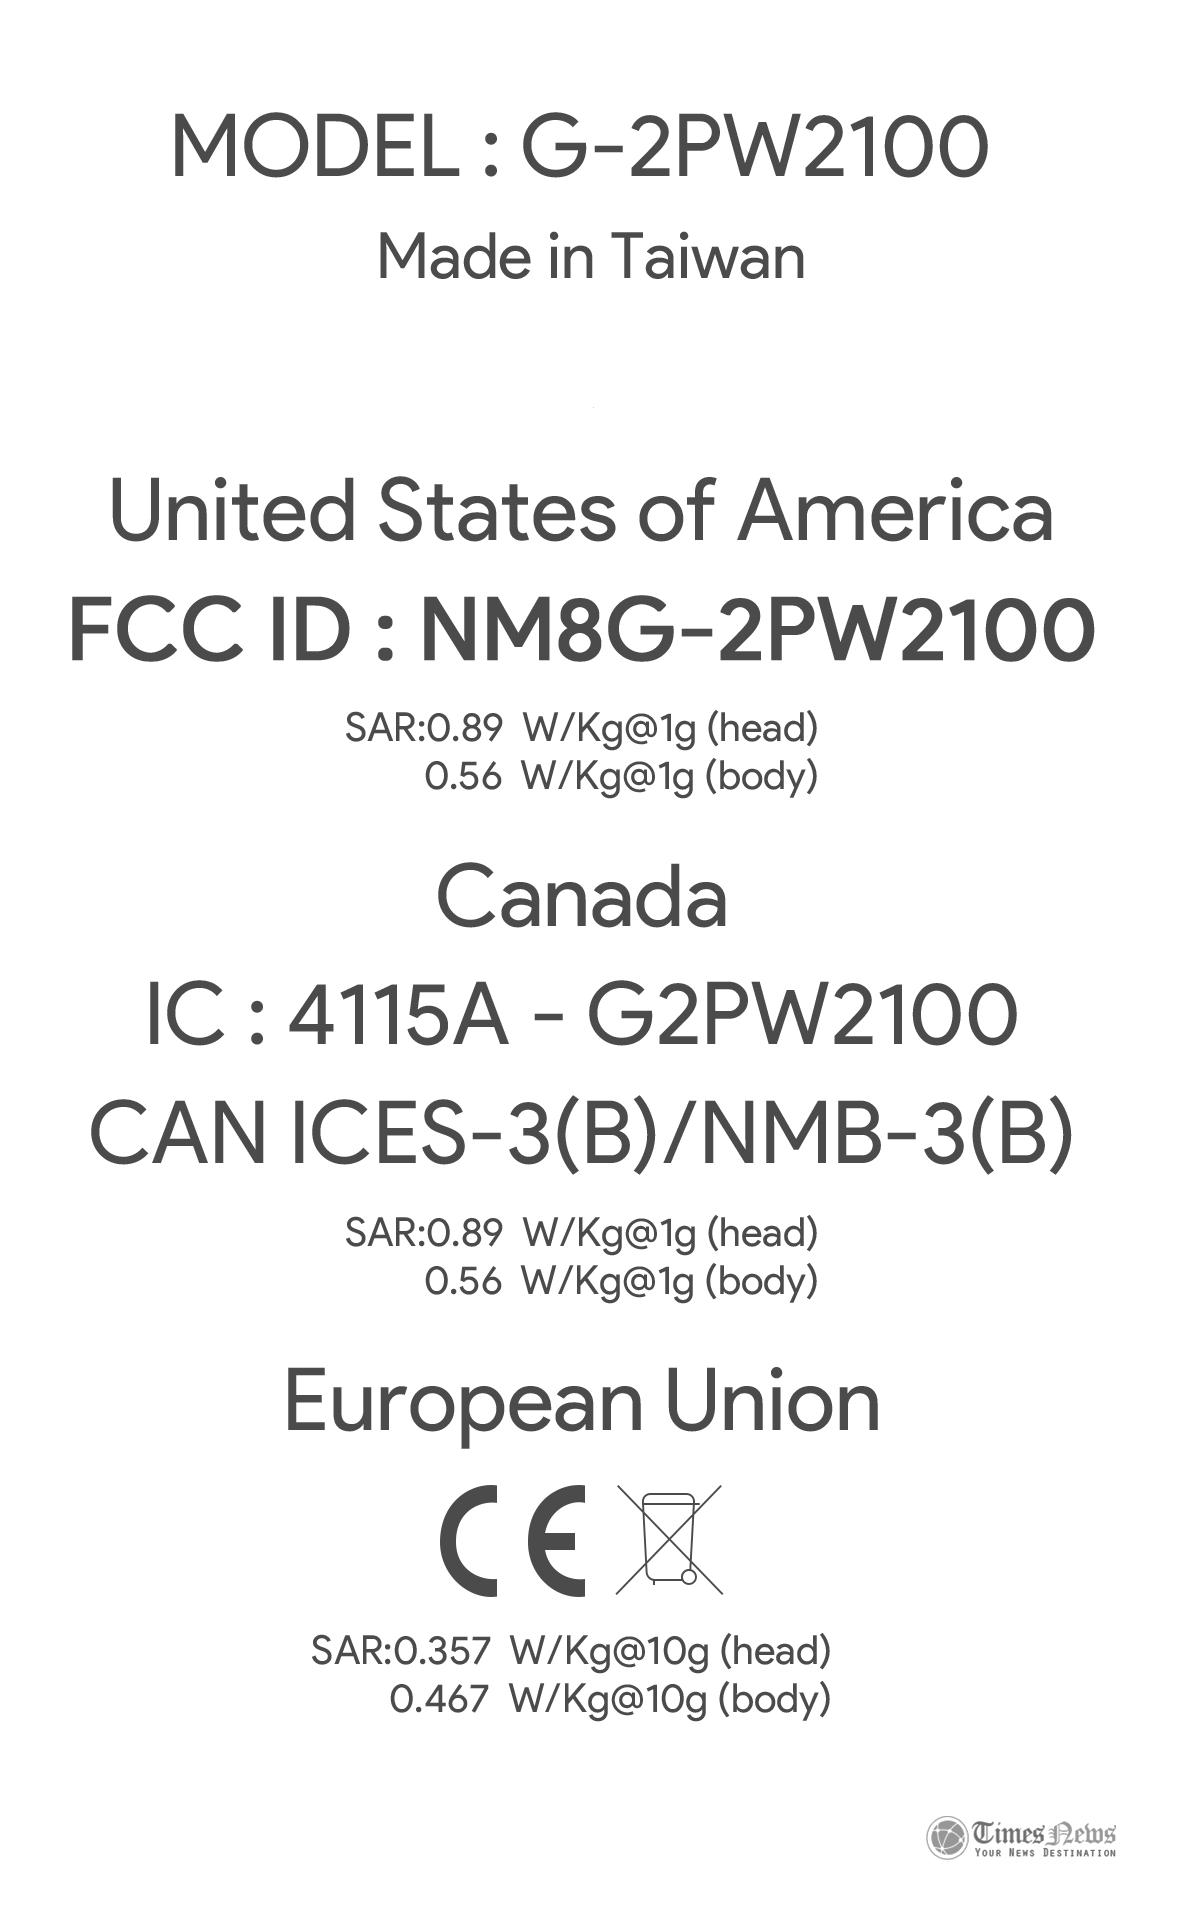 HTC G-P2W2100 nexus FCC